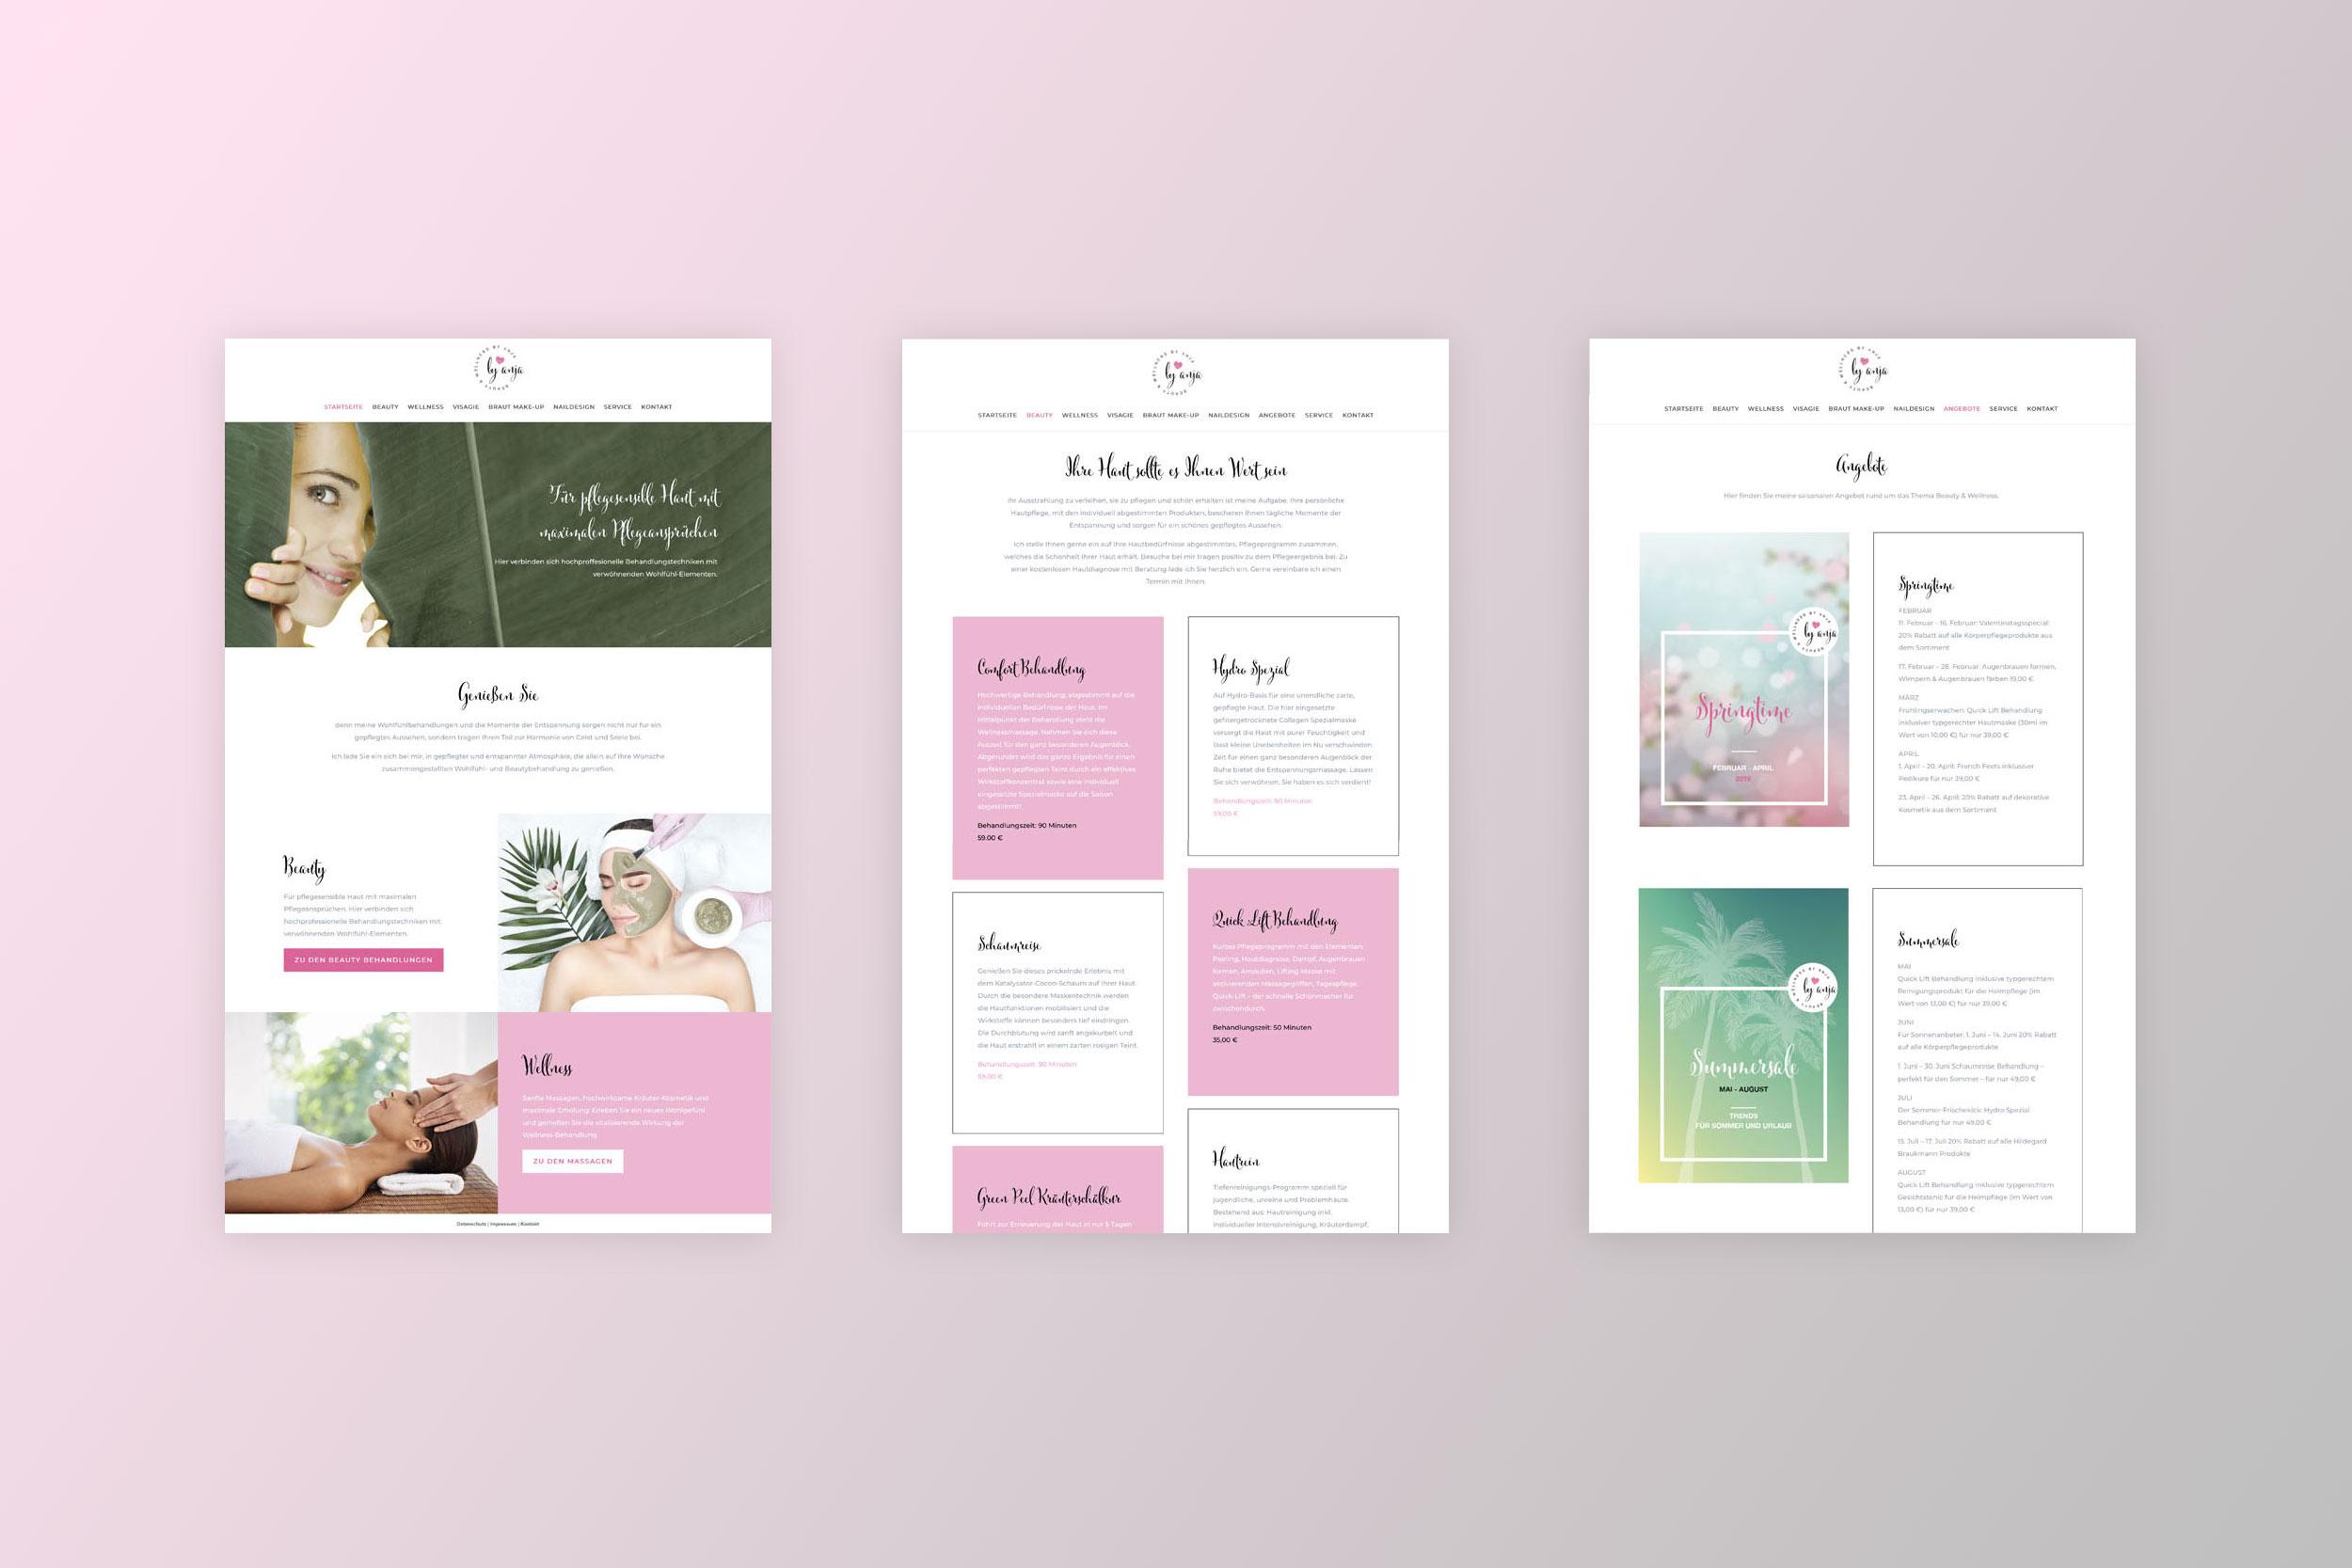 Gestaltung und Umsetzung der Internetseite für Kosmetikerin byanja